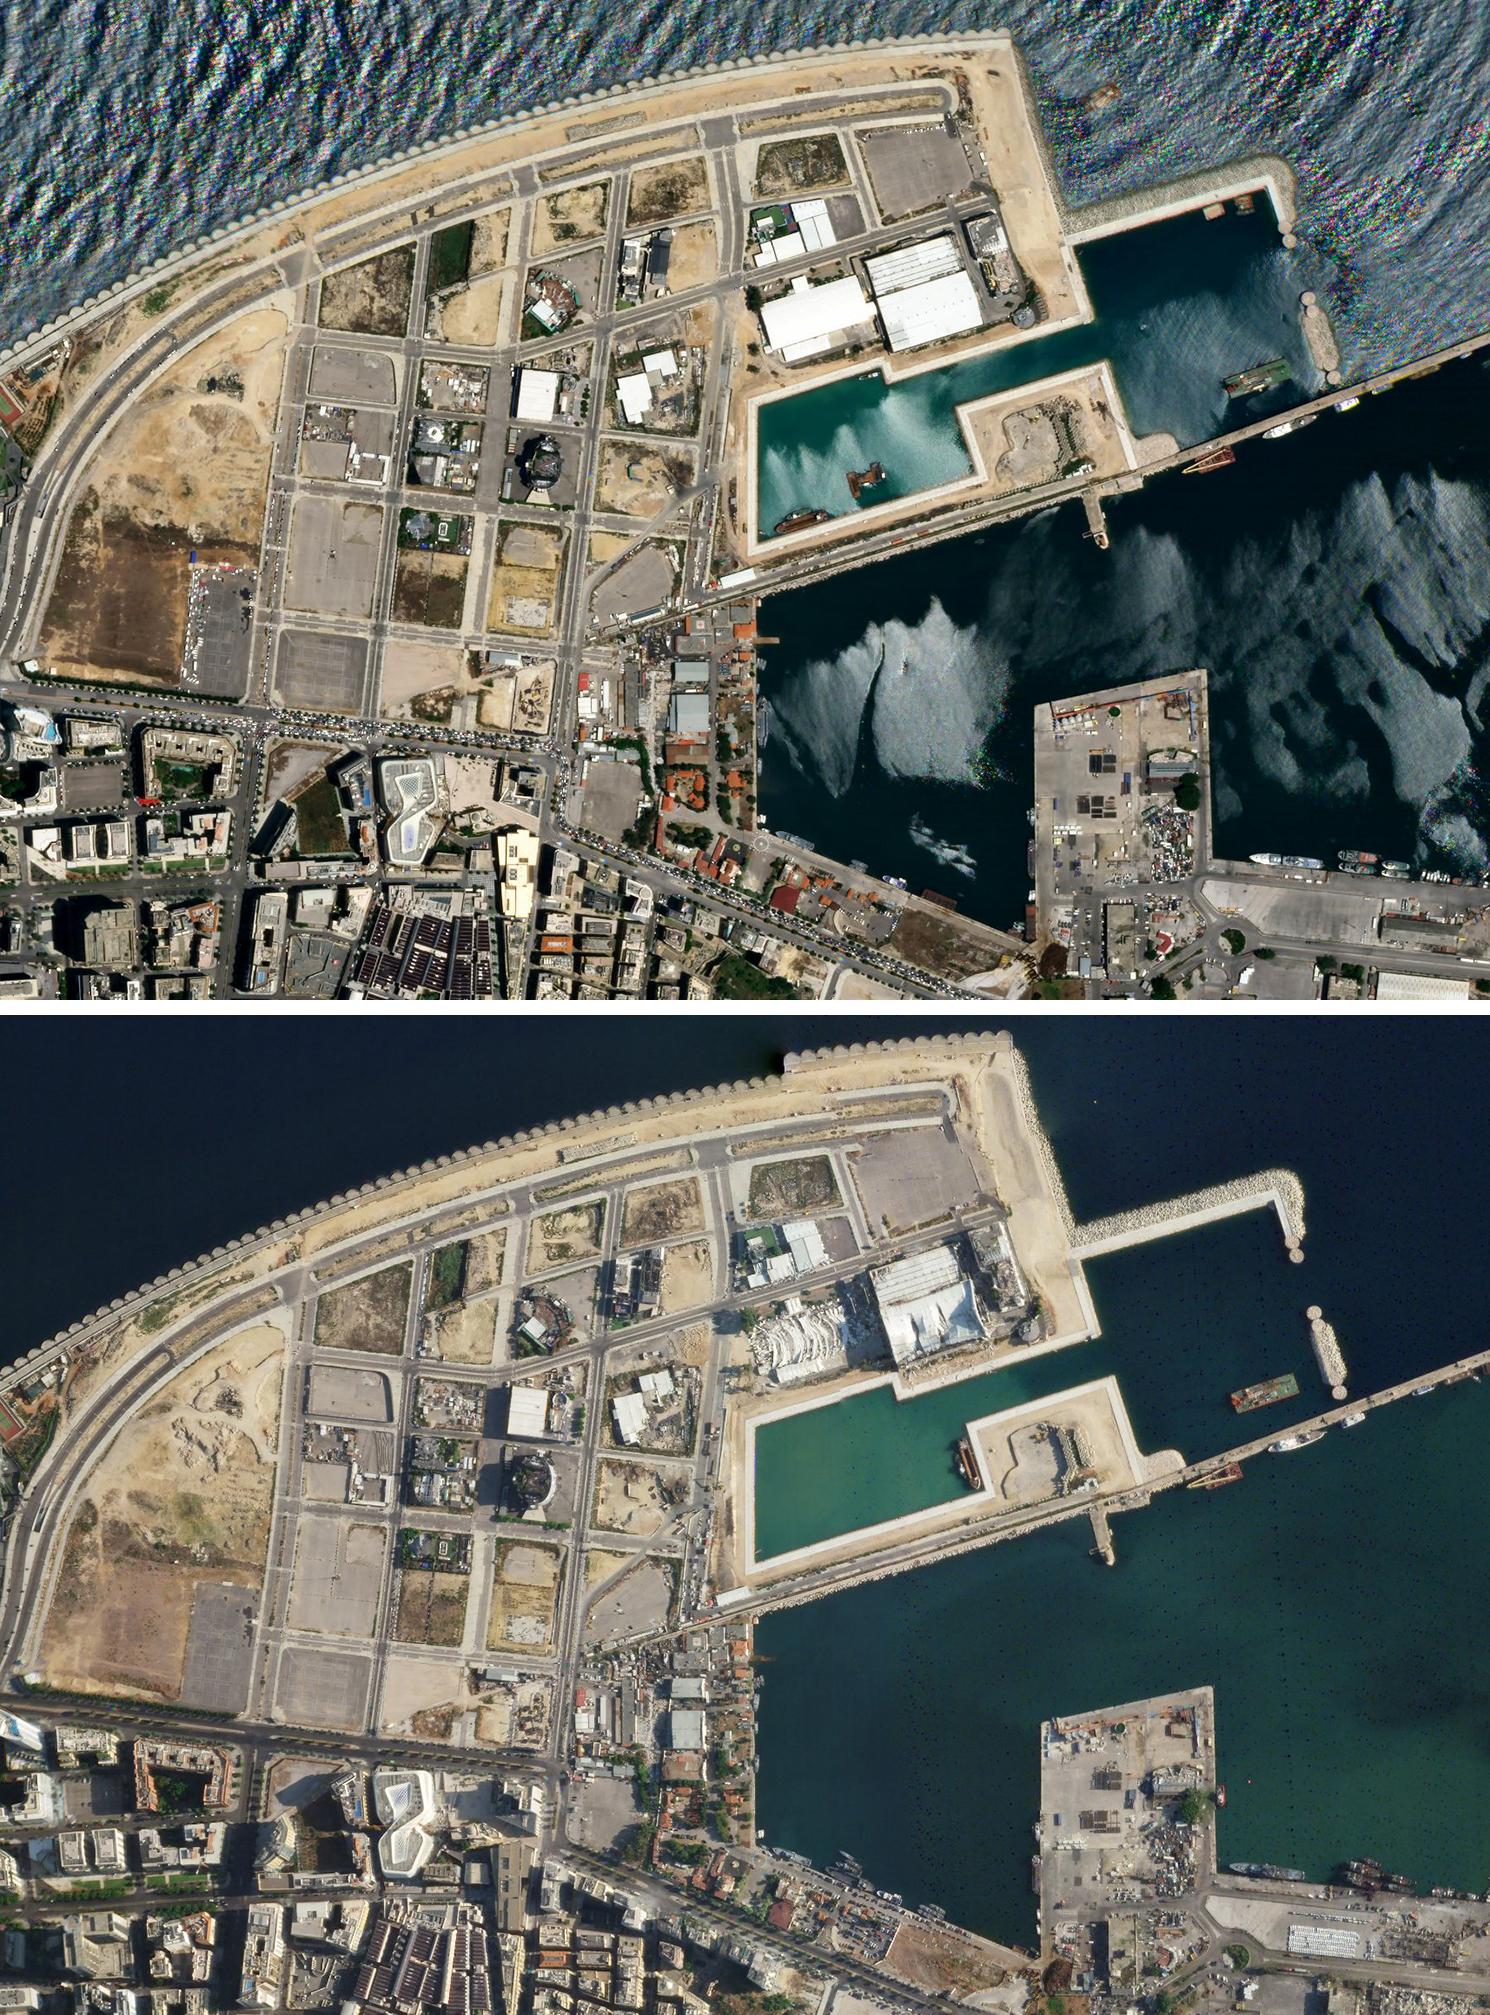 上图:爆炸前的贝鲁特港口(局部)。 下图:爆炸后的贝鲁特港口(局部)。爆炸中心东面,部分建筑物被夷为平地或房顶严重变形。